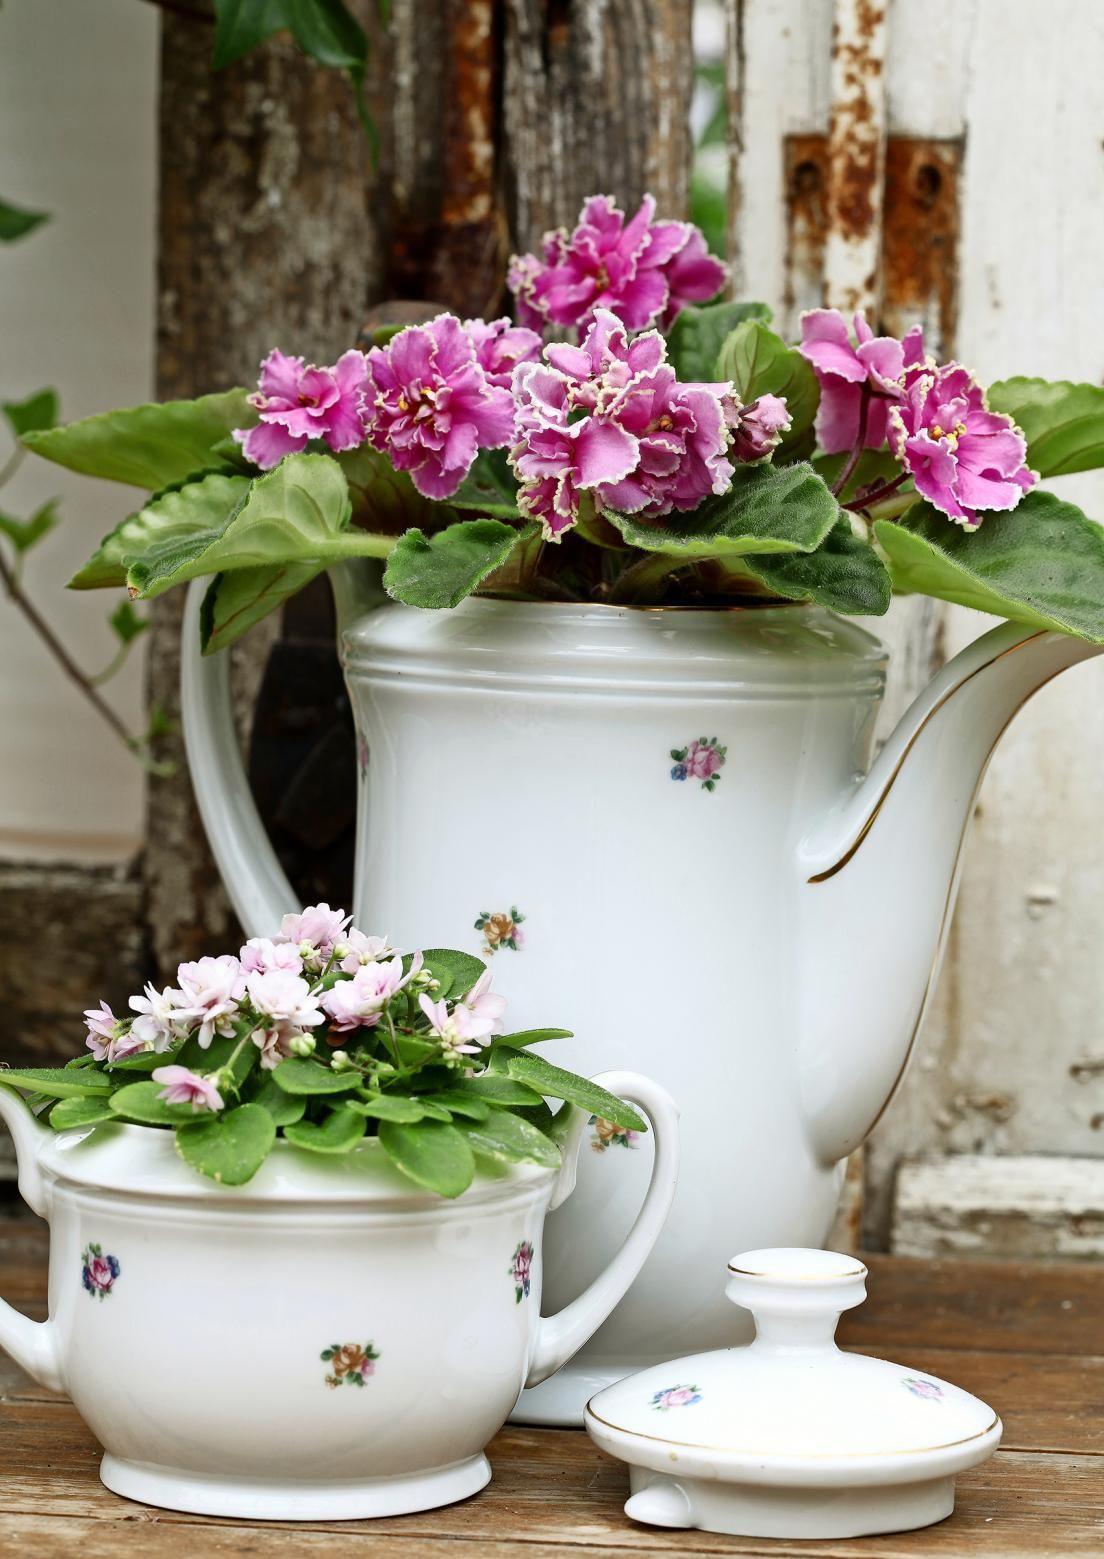 Syklaamit, esikot ja muut kukkivat ruukkukasvit antavat väriterapiaa pimeään vuodenaikaan. Katso Viherpihan ideat!